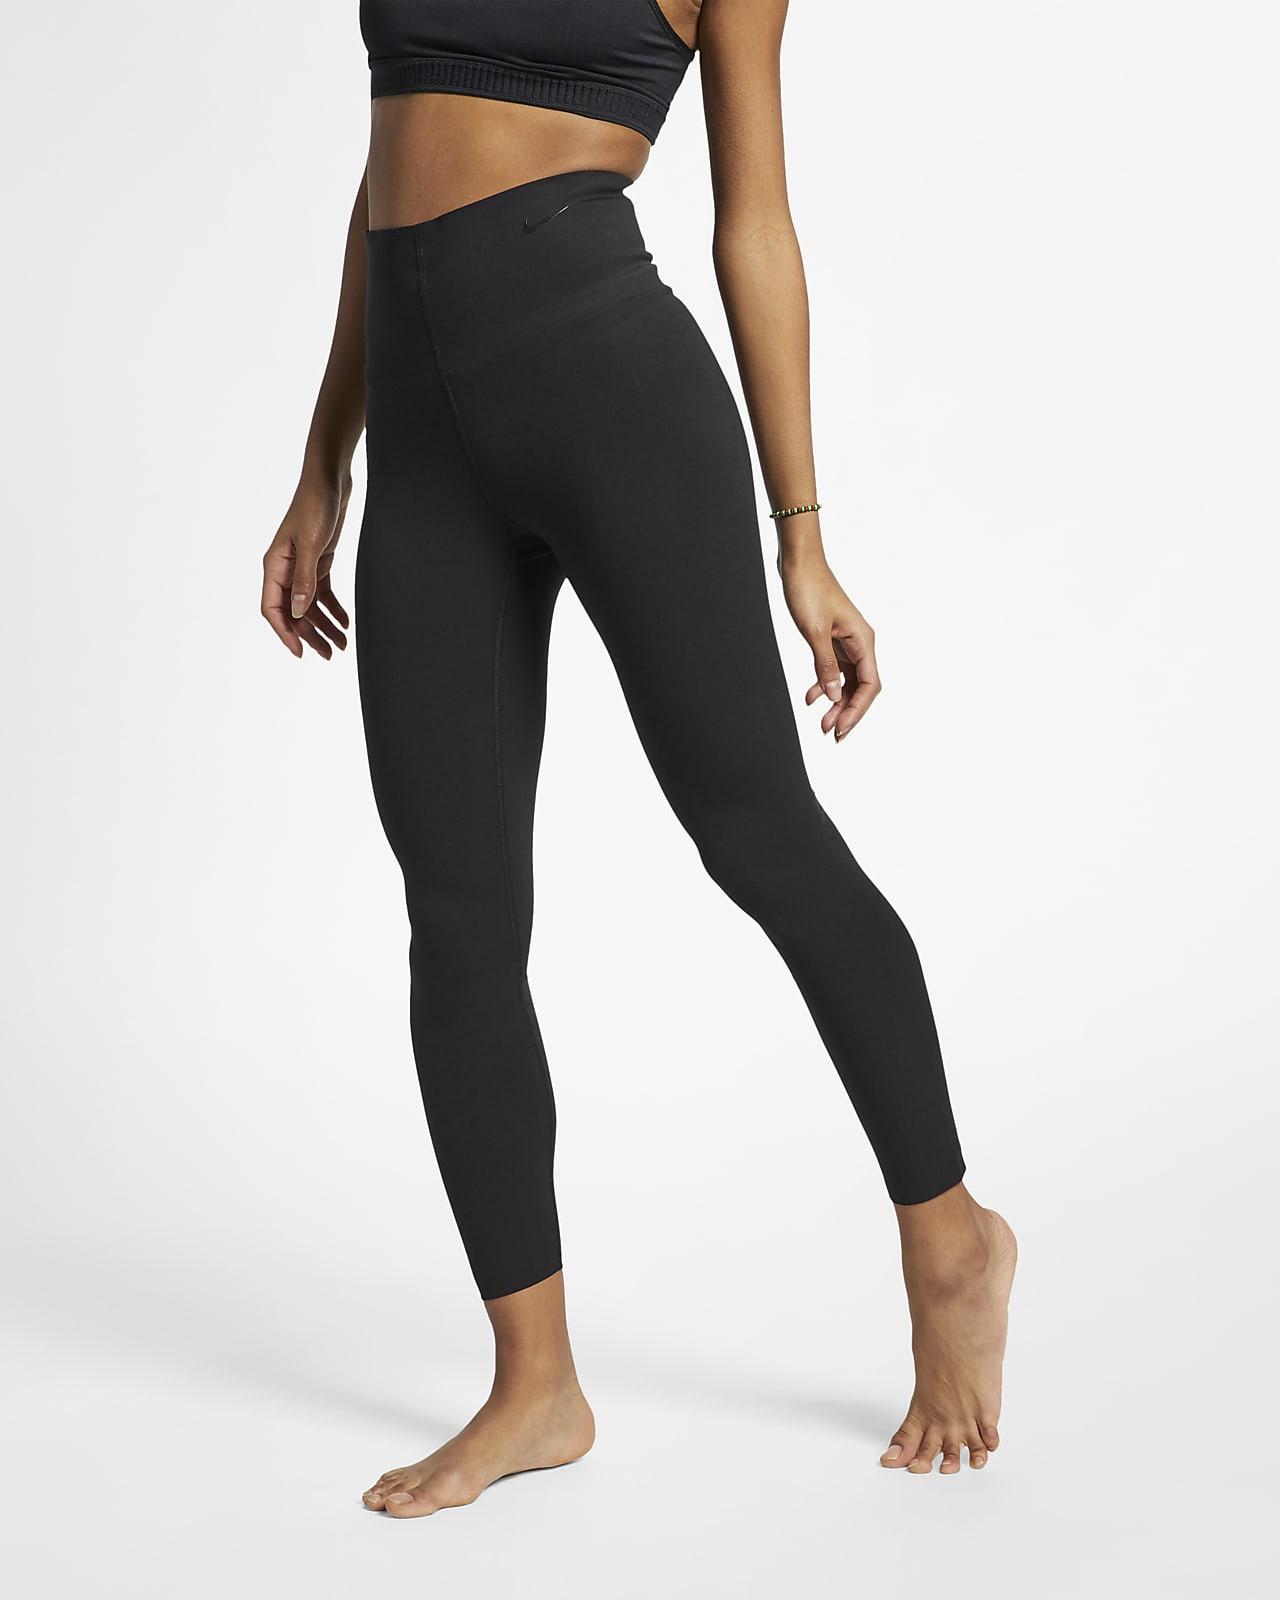 Nike Sculpt Luxe 7/8-tights voor dames